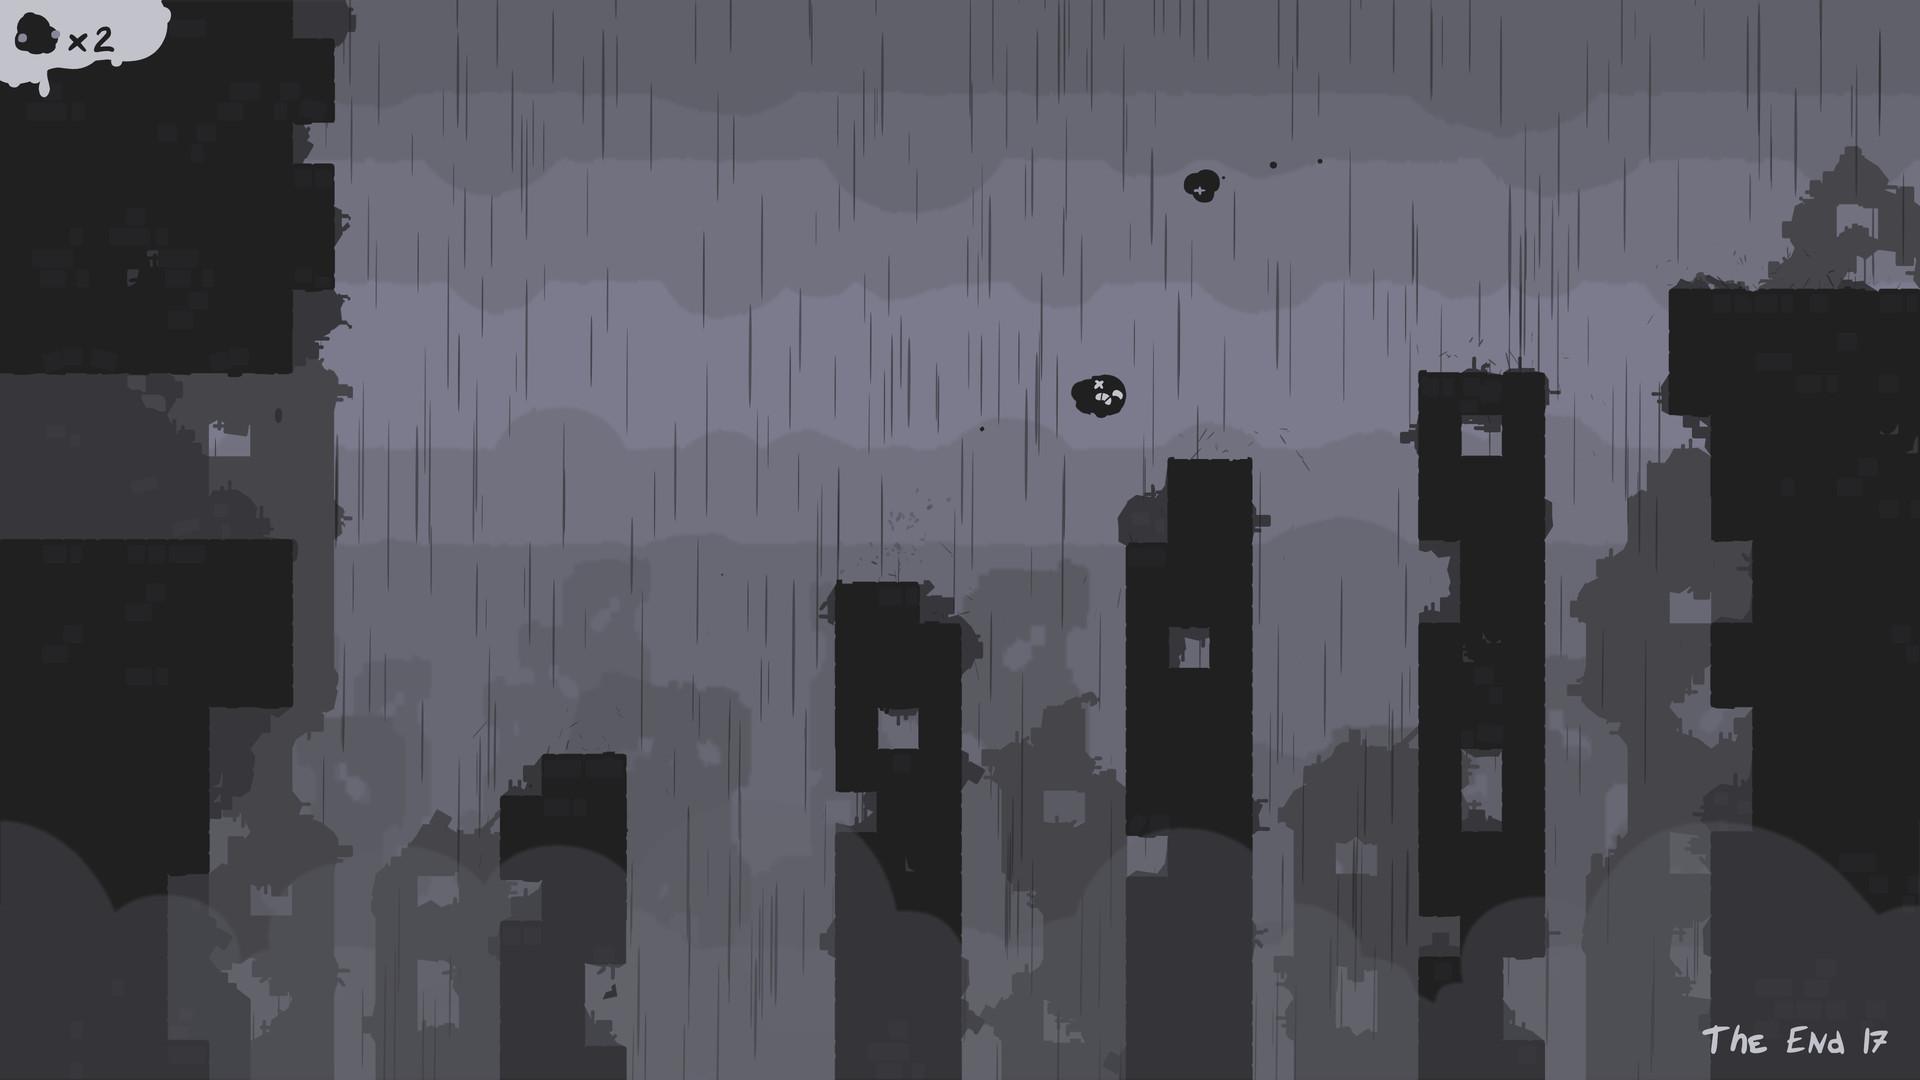 终结将至 游戏截图